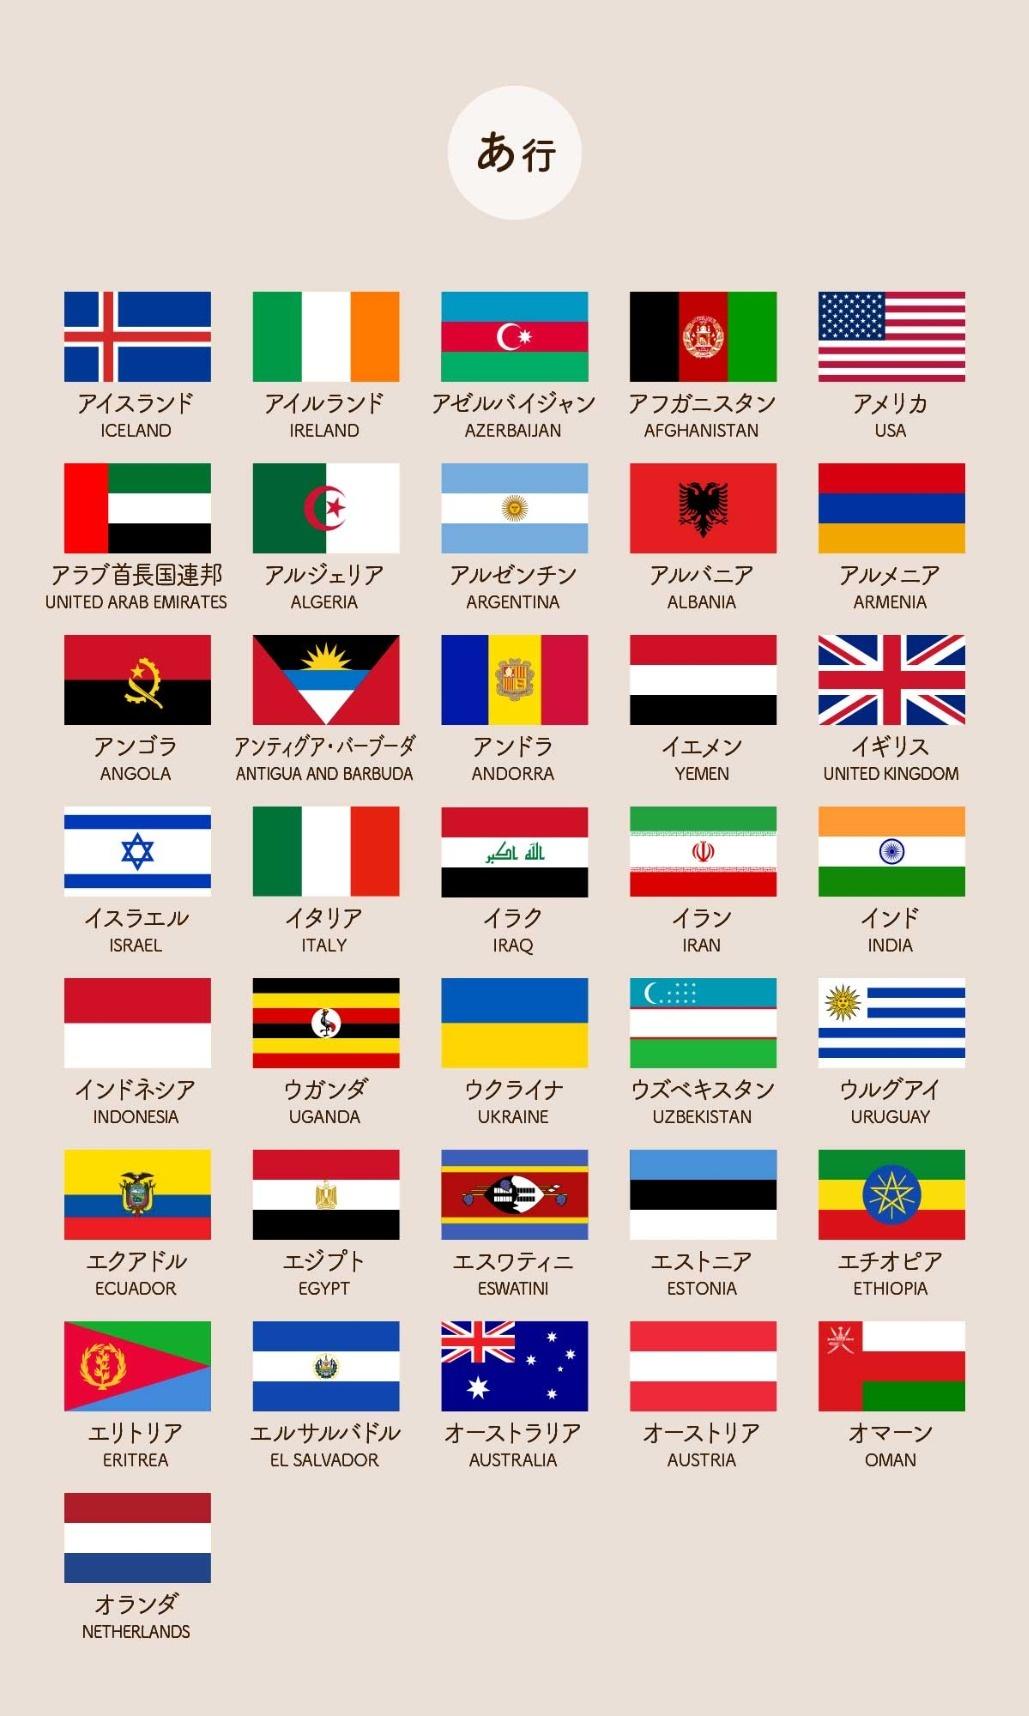 あ行の国旗一覧 / アイスランド ICELAND / アイルランド IRELAND / アゼルバイジャン AZERBAIJAN / アフガニスタン AFGHANISTAN / アメリカ USA / アラブ首長国連邦 UNITED ARAB EMIRATES / アルジェリア ALGERIA / アルゼンチン ARGENTINA / アルバニア ALBANIA / アルメニア ARMENIA / アンゴラ ANGOLA / アンティグア・バーブーダ ANTIGUA AND BARBUDA / アンドラ AN